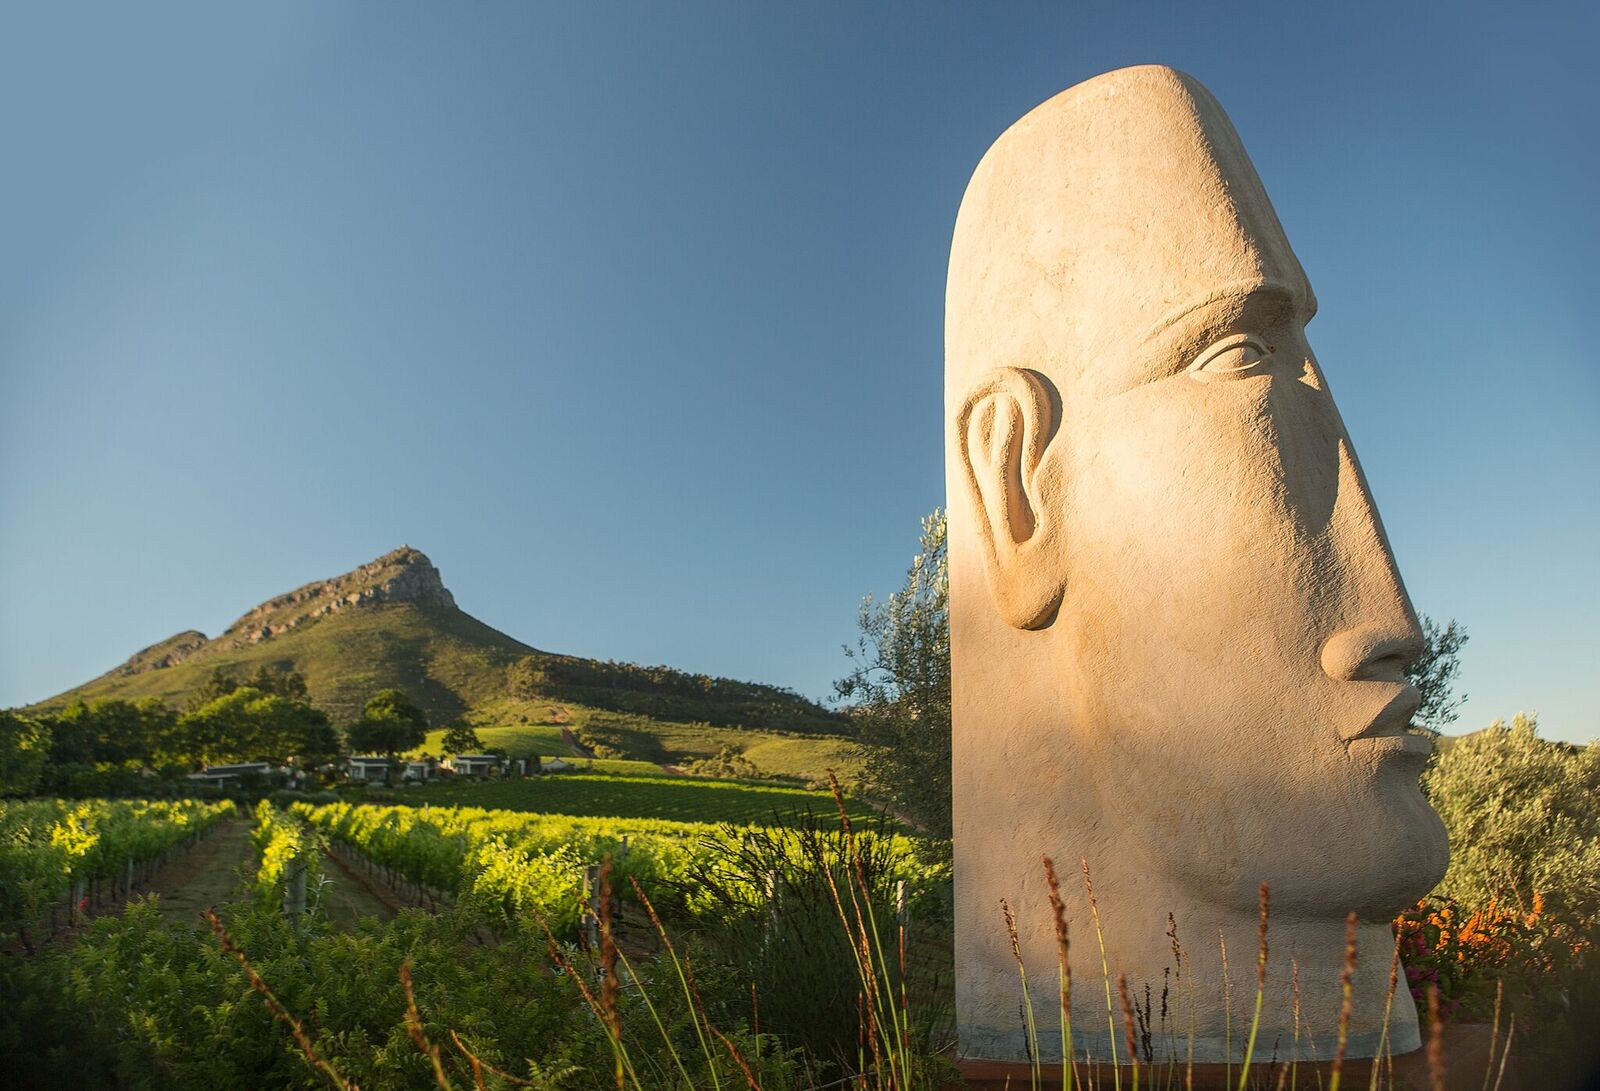 Anton Smit's Stone head